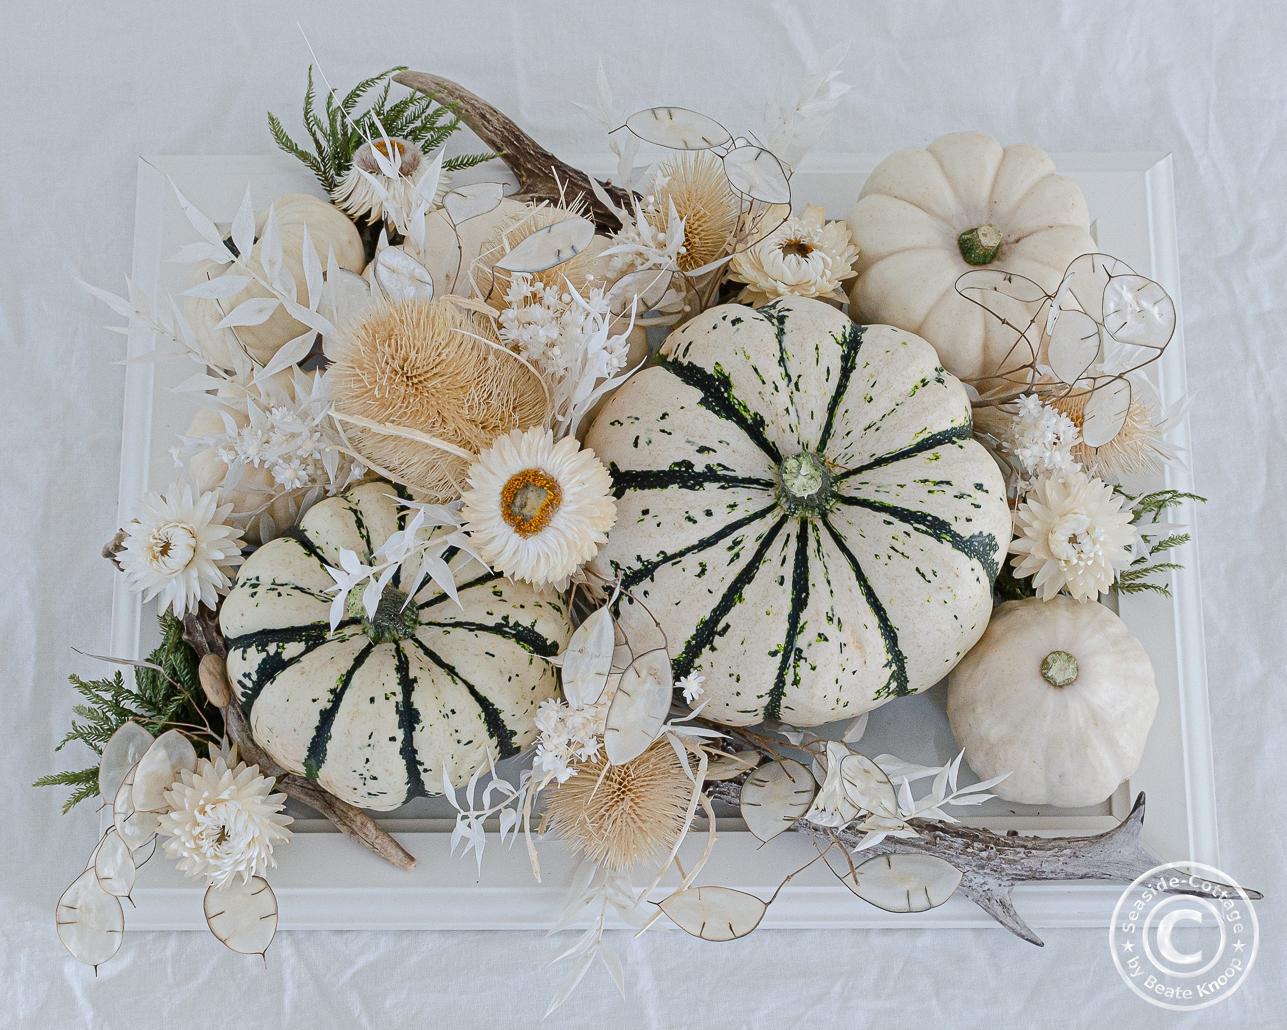 Aufsicht herbstliche Tischdeko mit weißen Kürbissen und Trockenblumen